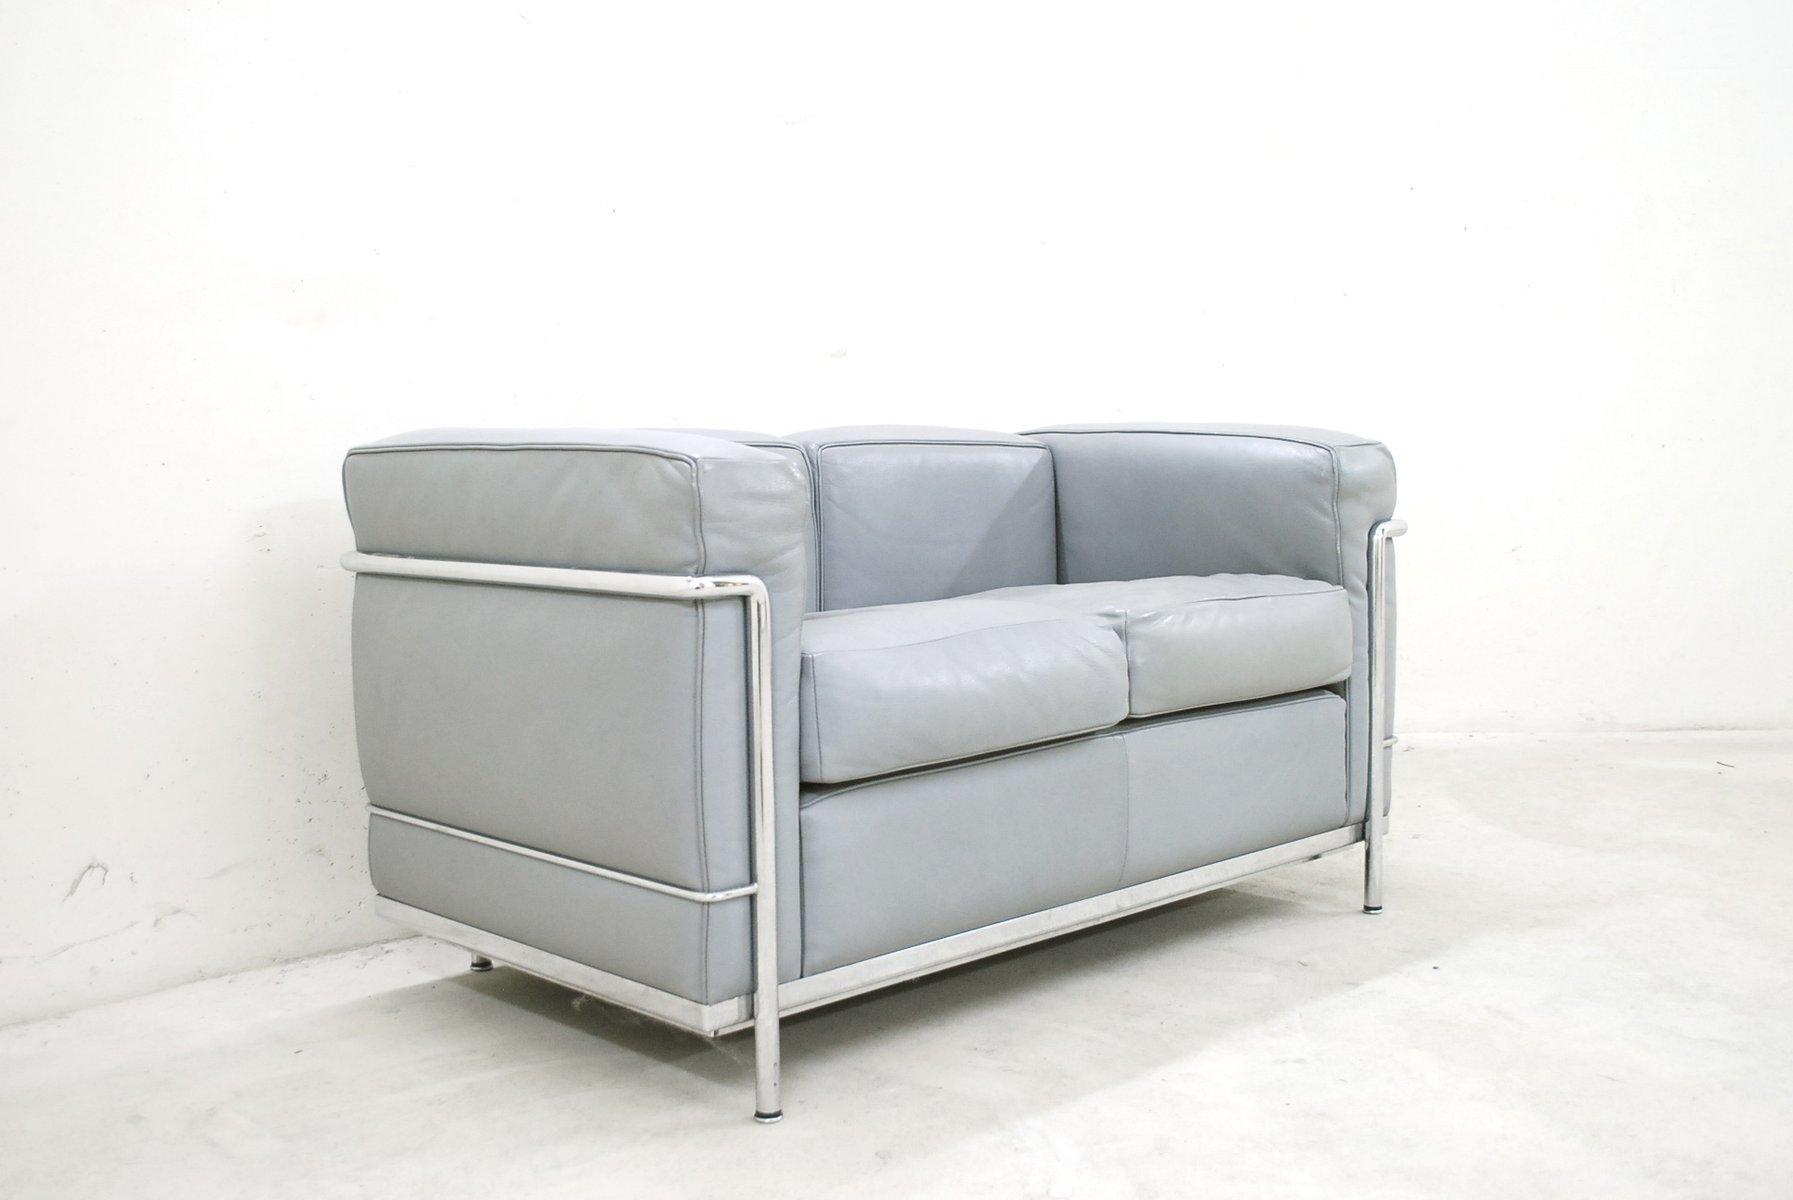 Canapé LC En Cuir Par Le Corbusier Pour Cassina En Vente Sur - Canape cuir le corbusier